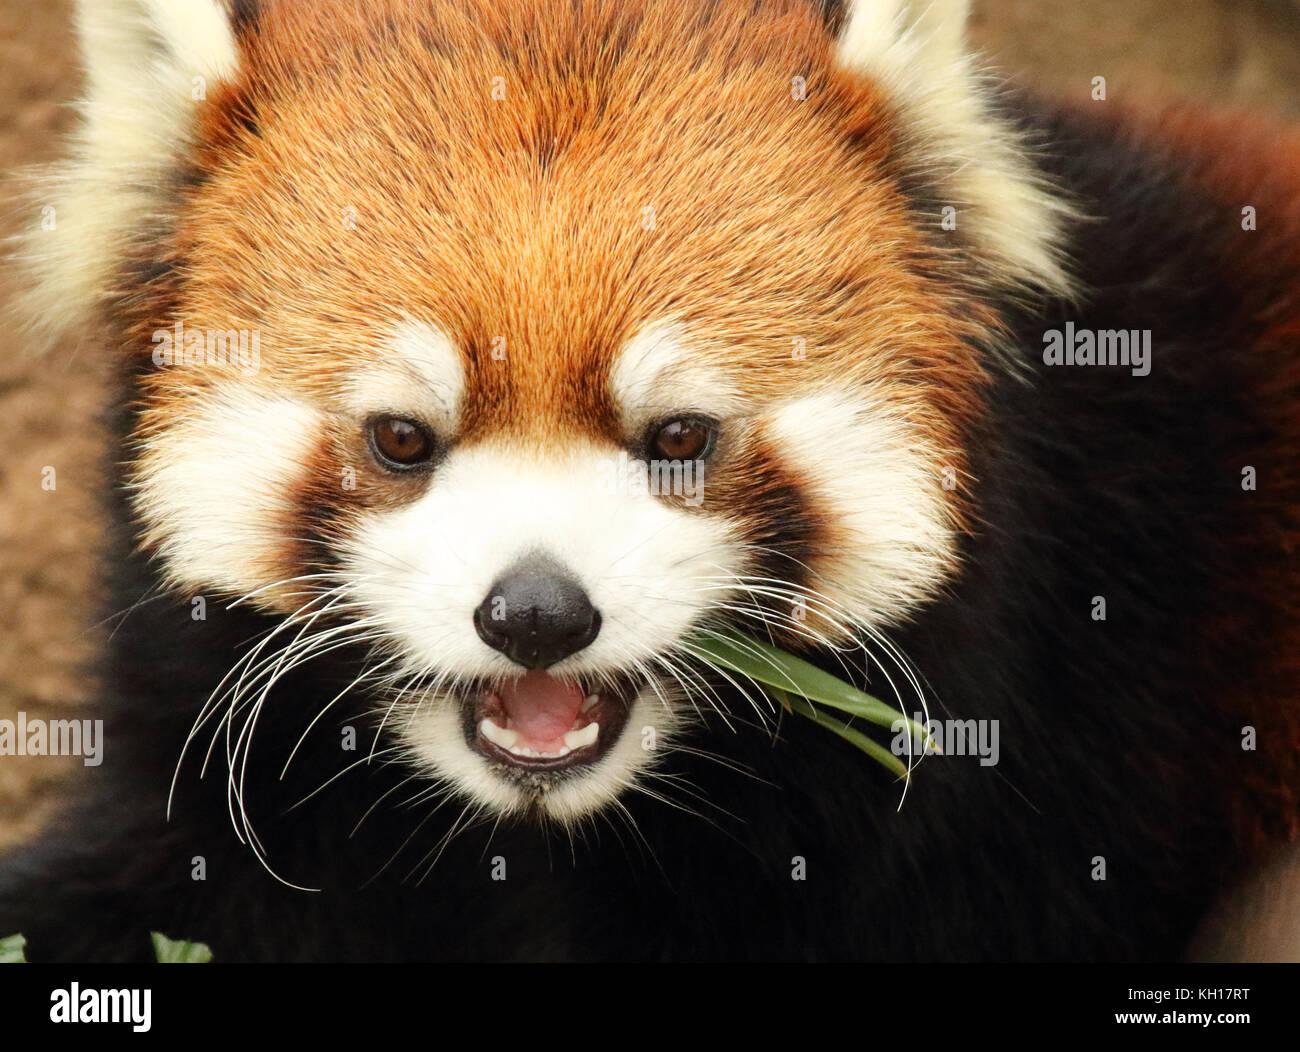 Un panda rojo dando un gruñido de baja mientras se alimentan. Imagen De Stock